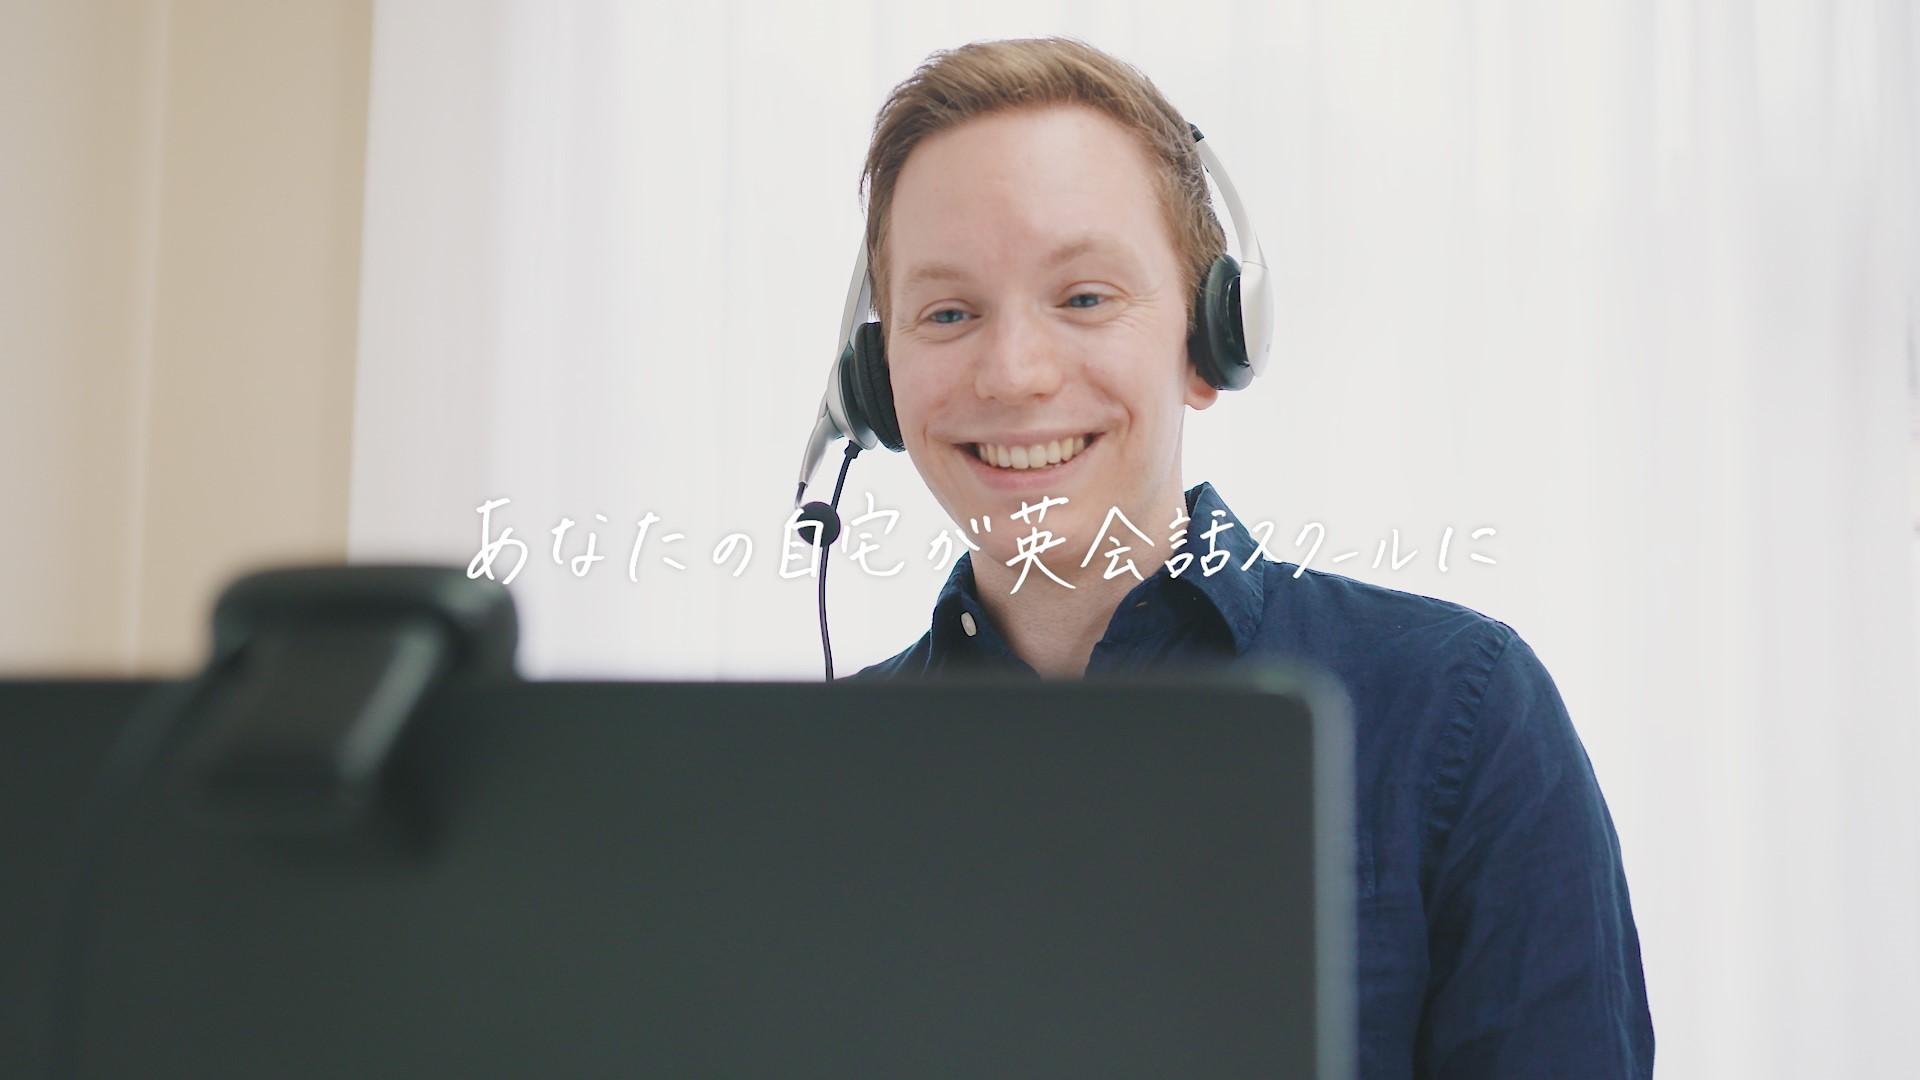 英語・英会話ブログ【POC English Lab】について